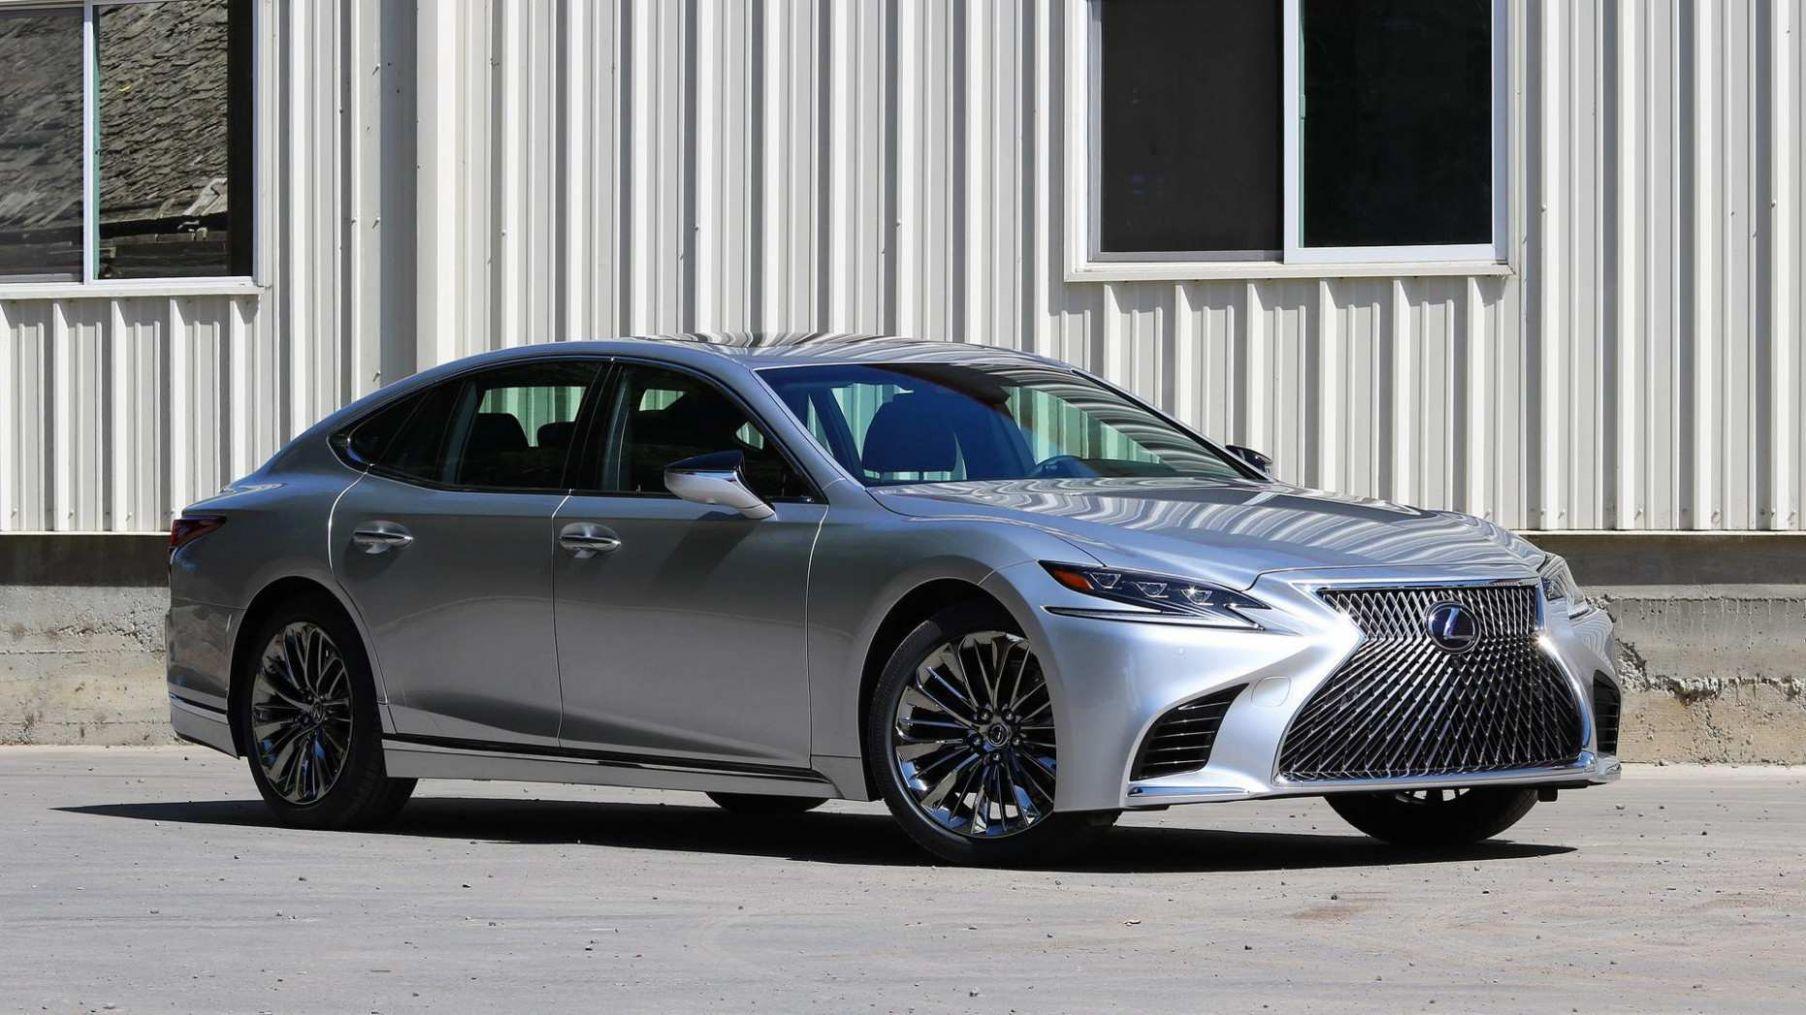 2020 Lexus Ls 500 V8 Exterior Di 2020